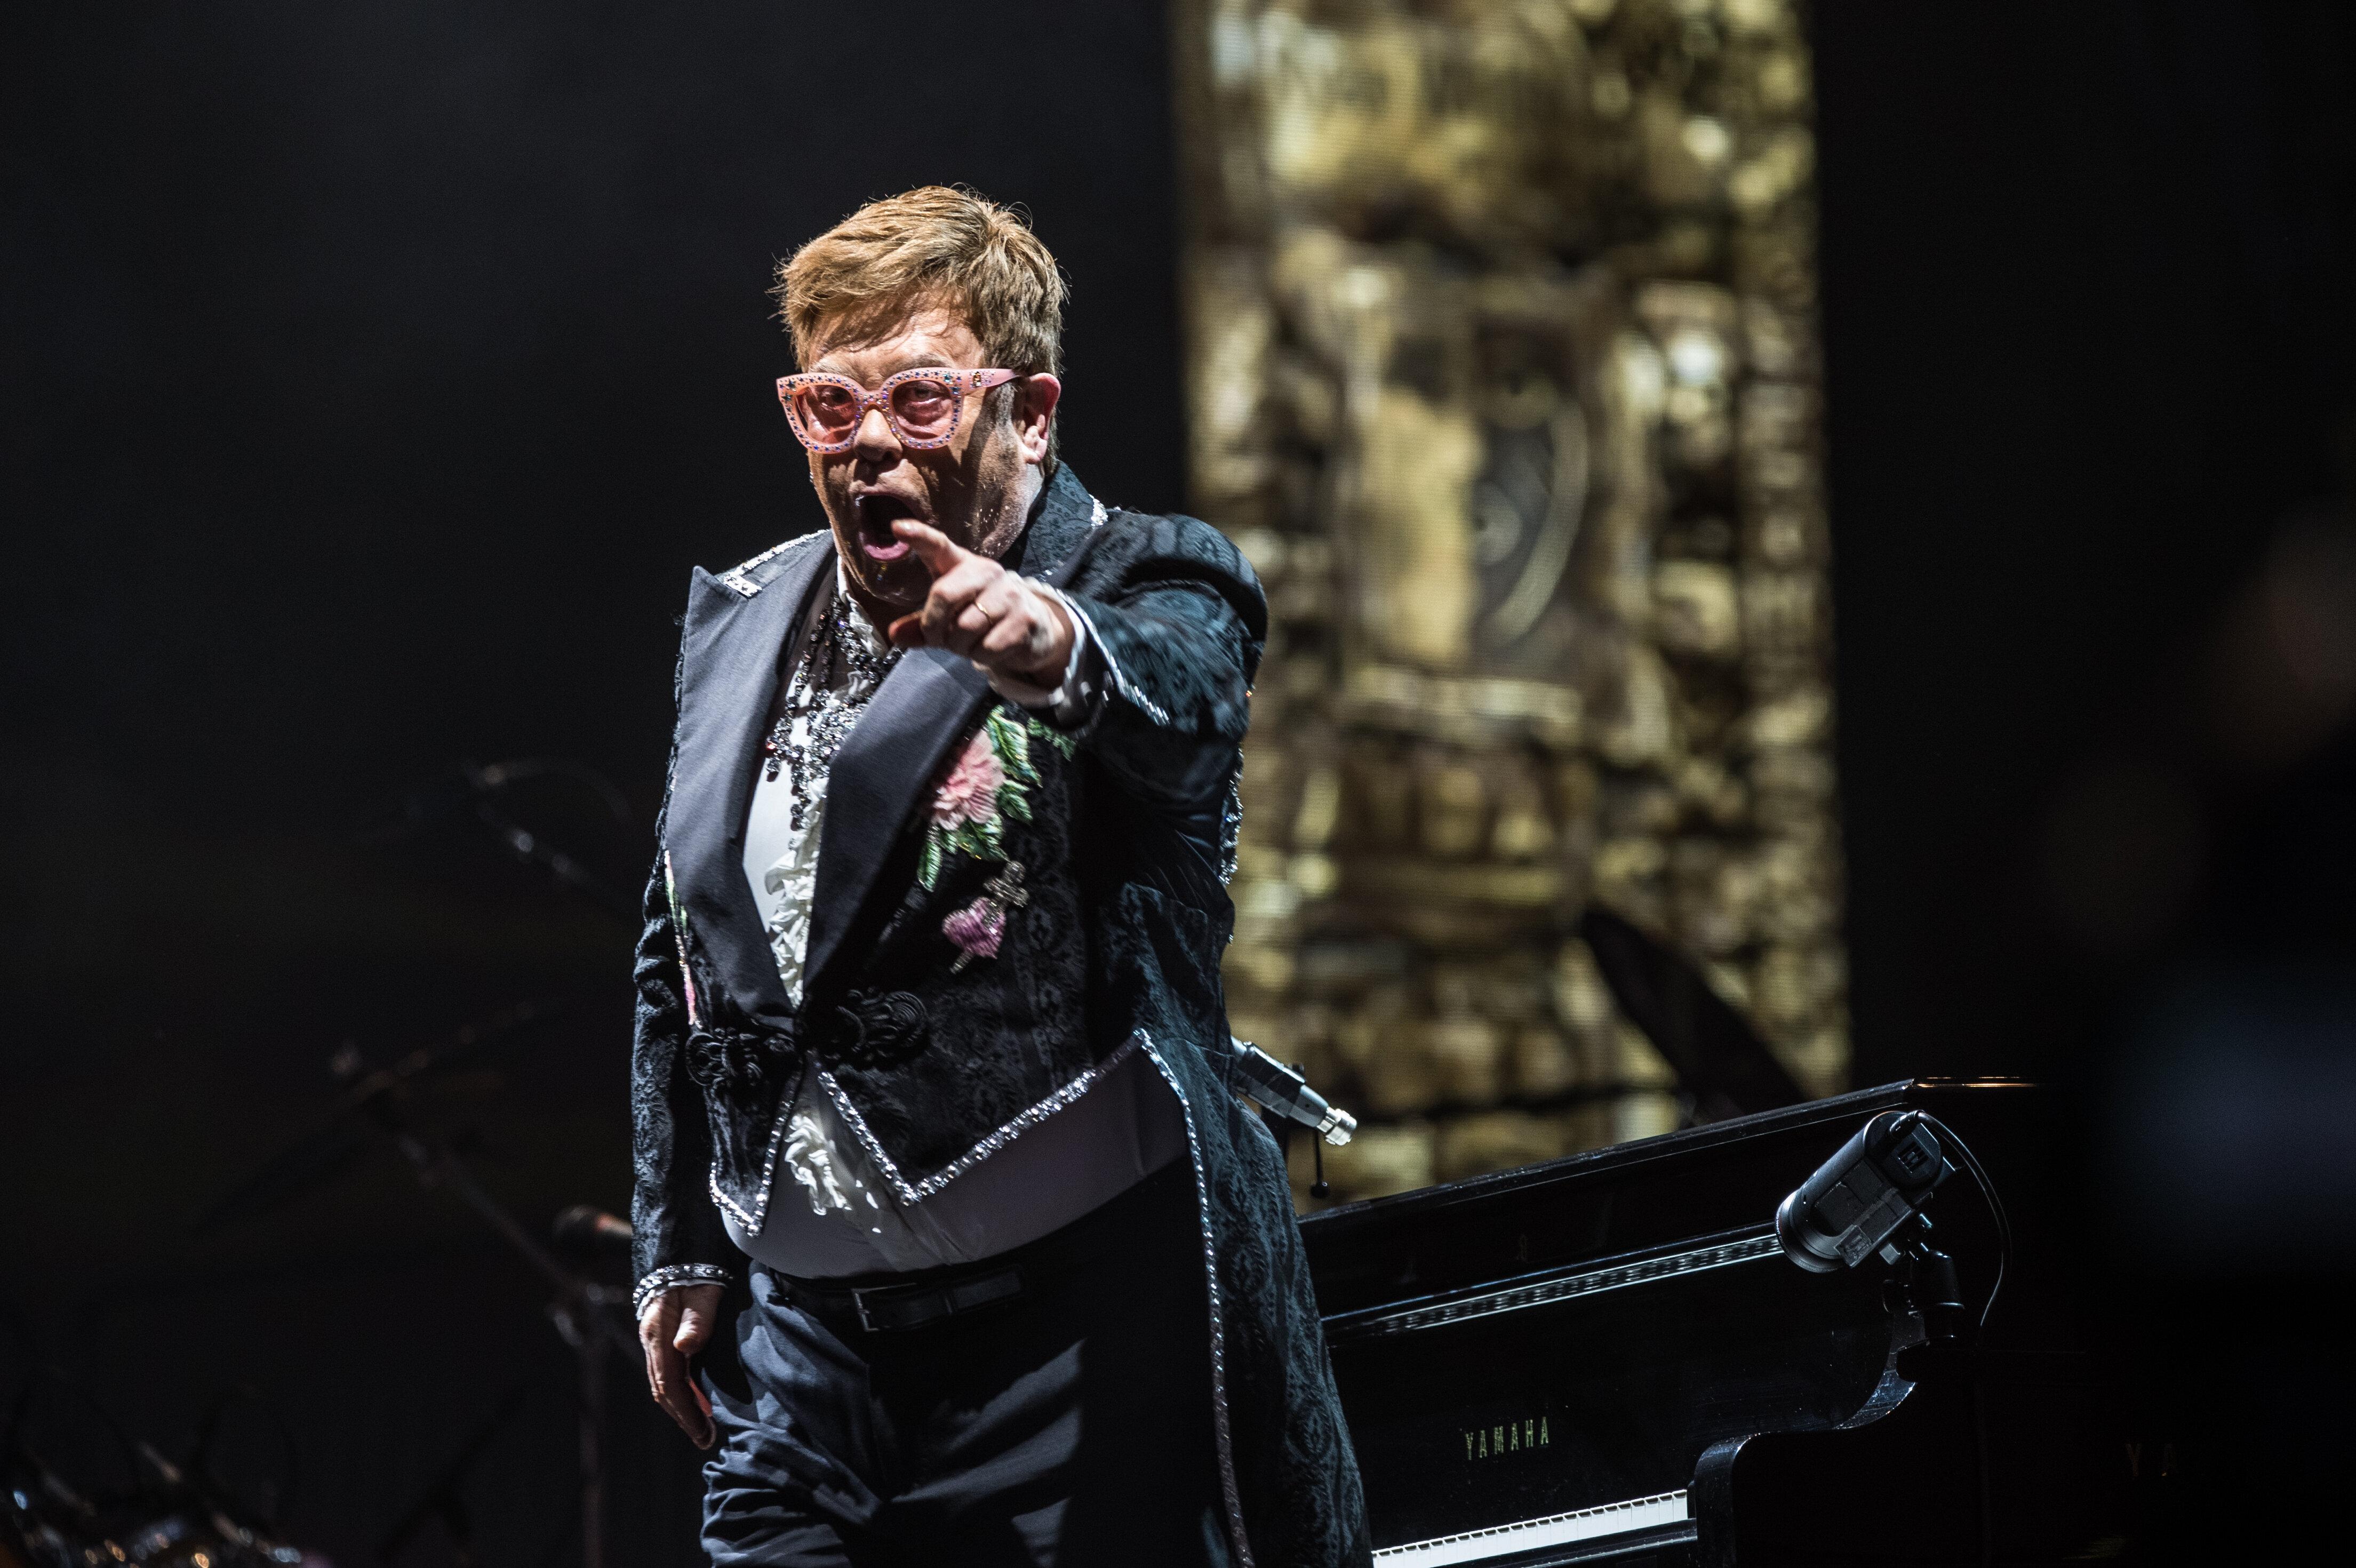 Elton John slammed Brexit while performing in Verona (Elena Di Vincenzo/Archivio Elena Di Vincenzo/Mondadori Portfolio via Getty Images)